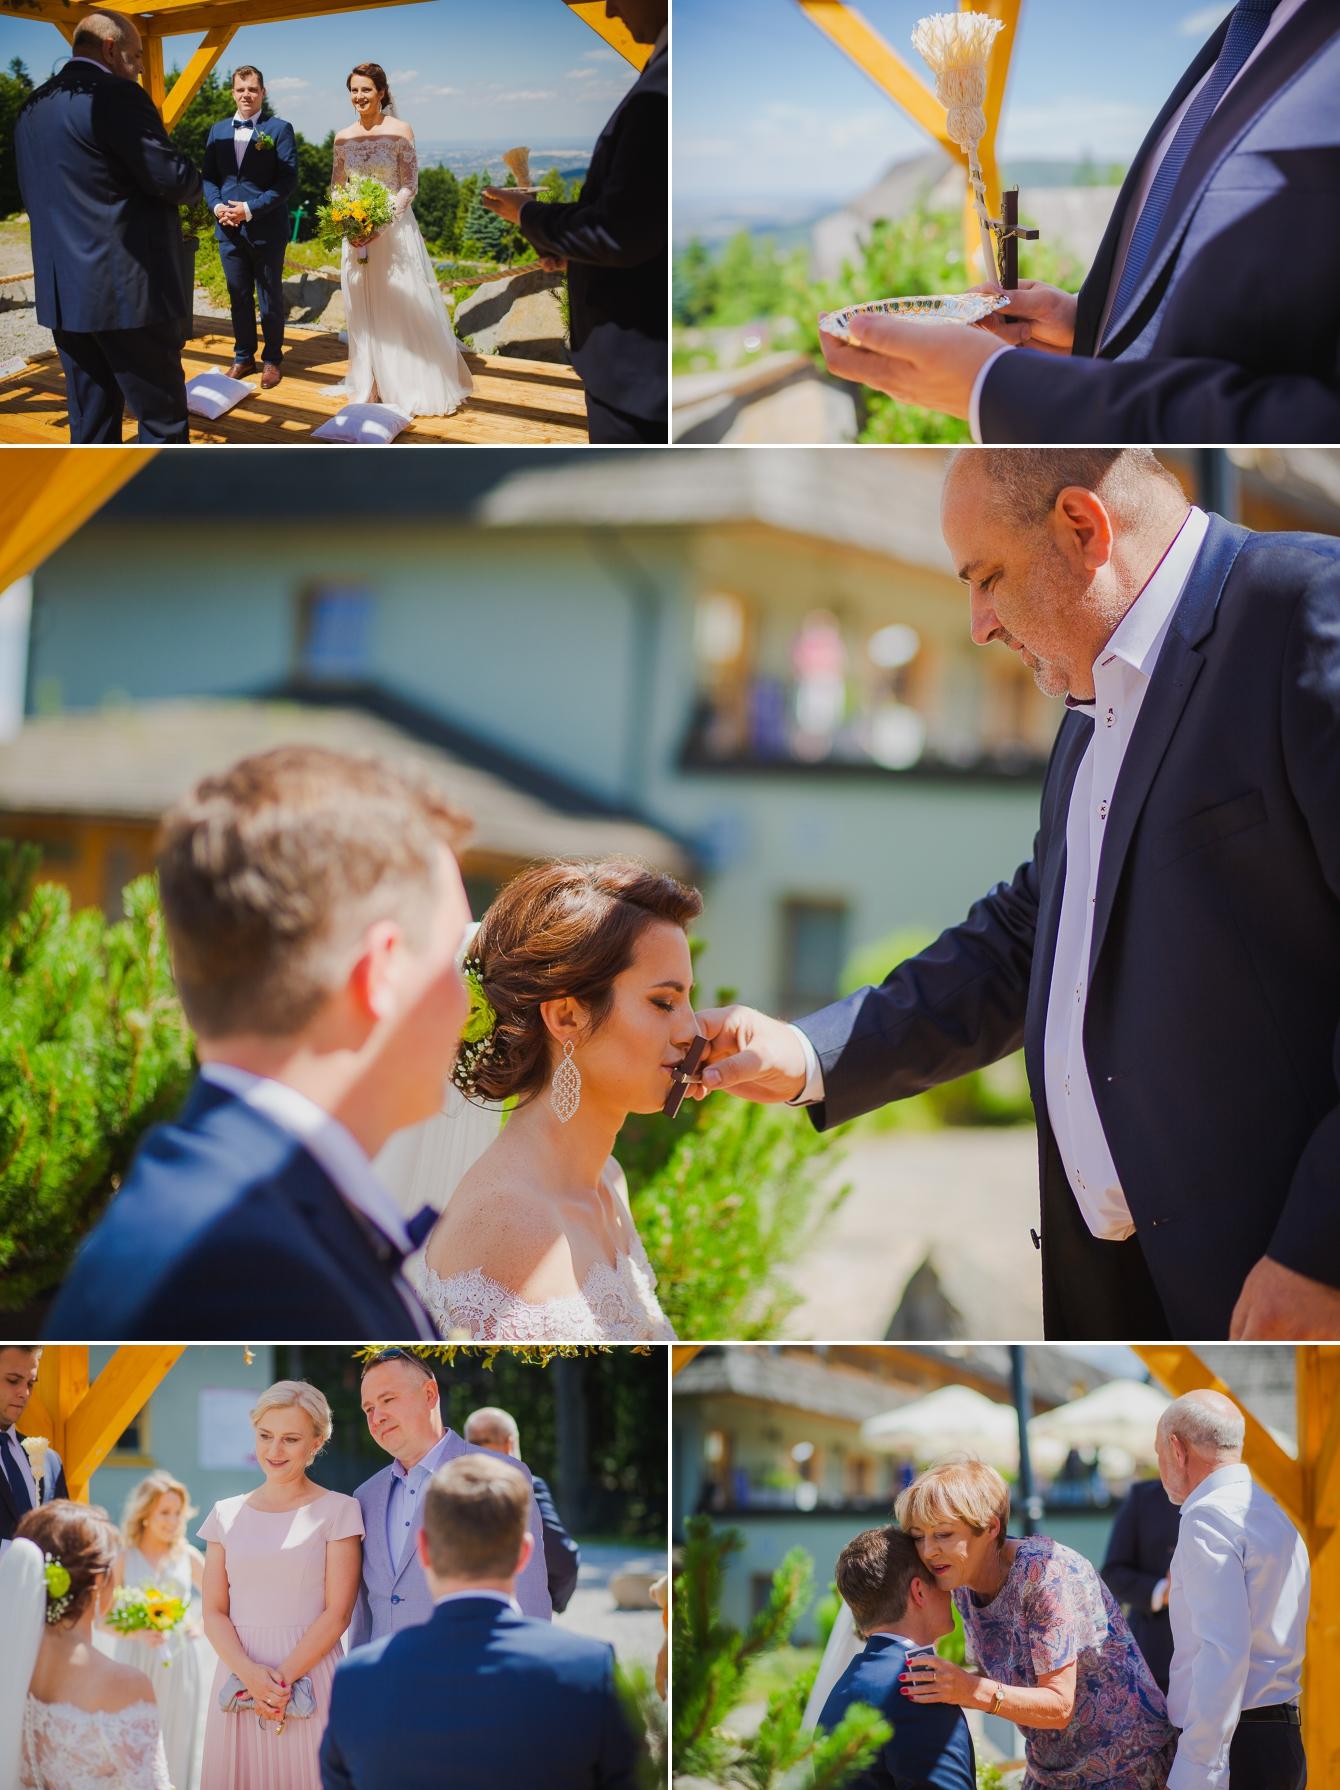 Ania i Damian - ślub w górach - Kocierz SPA - fotografia ślubna - bartek Wyrobek  (5).jpg